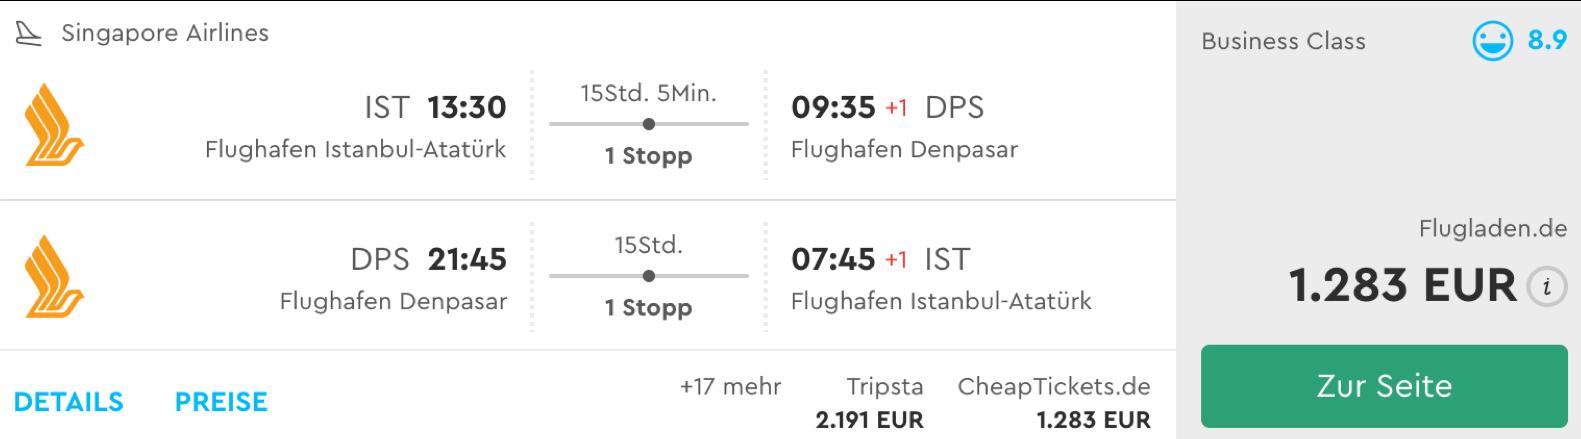 Singapore airlines Business class nach Bali fliegen